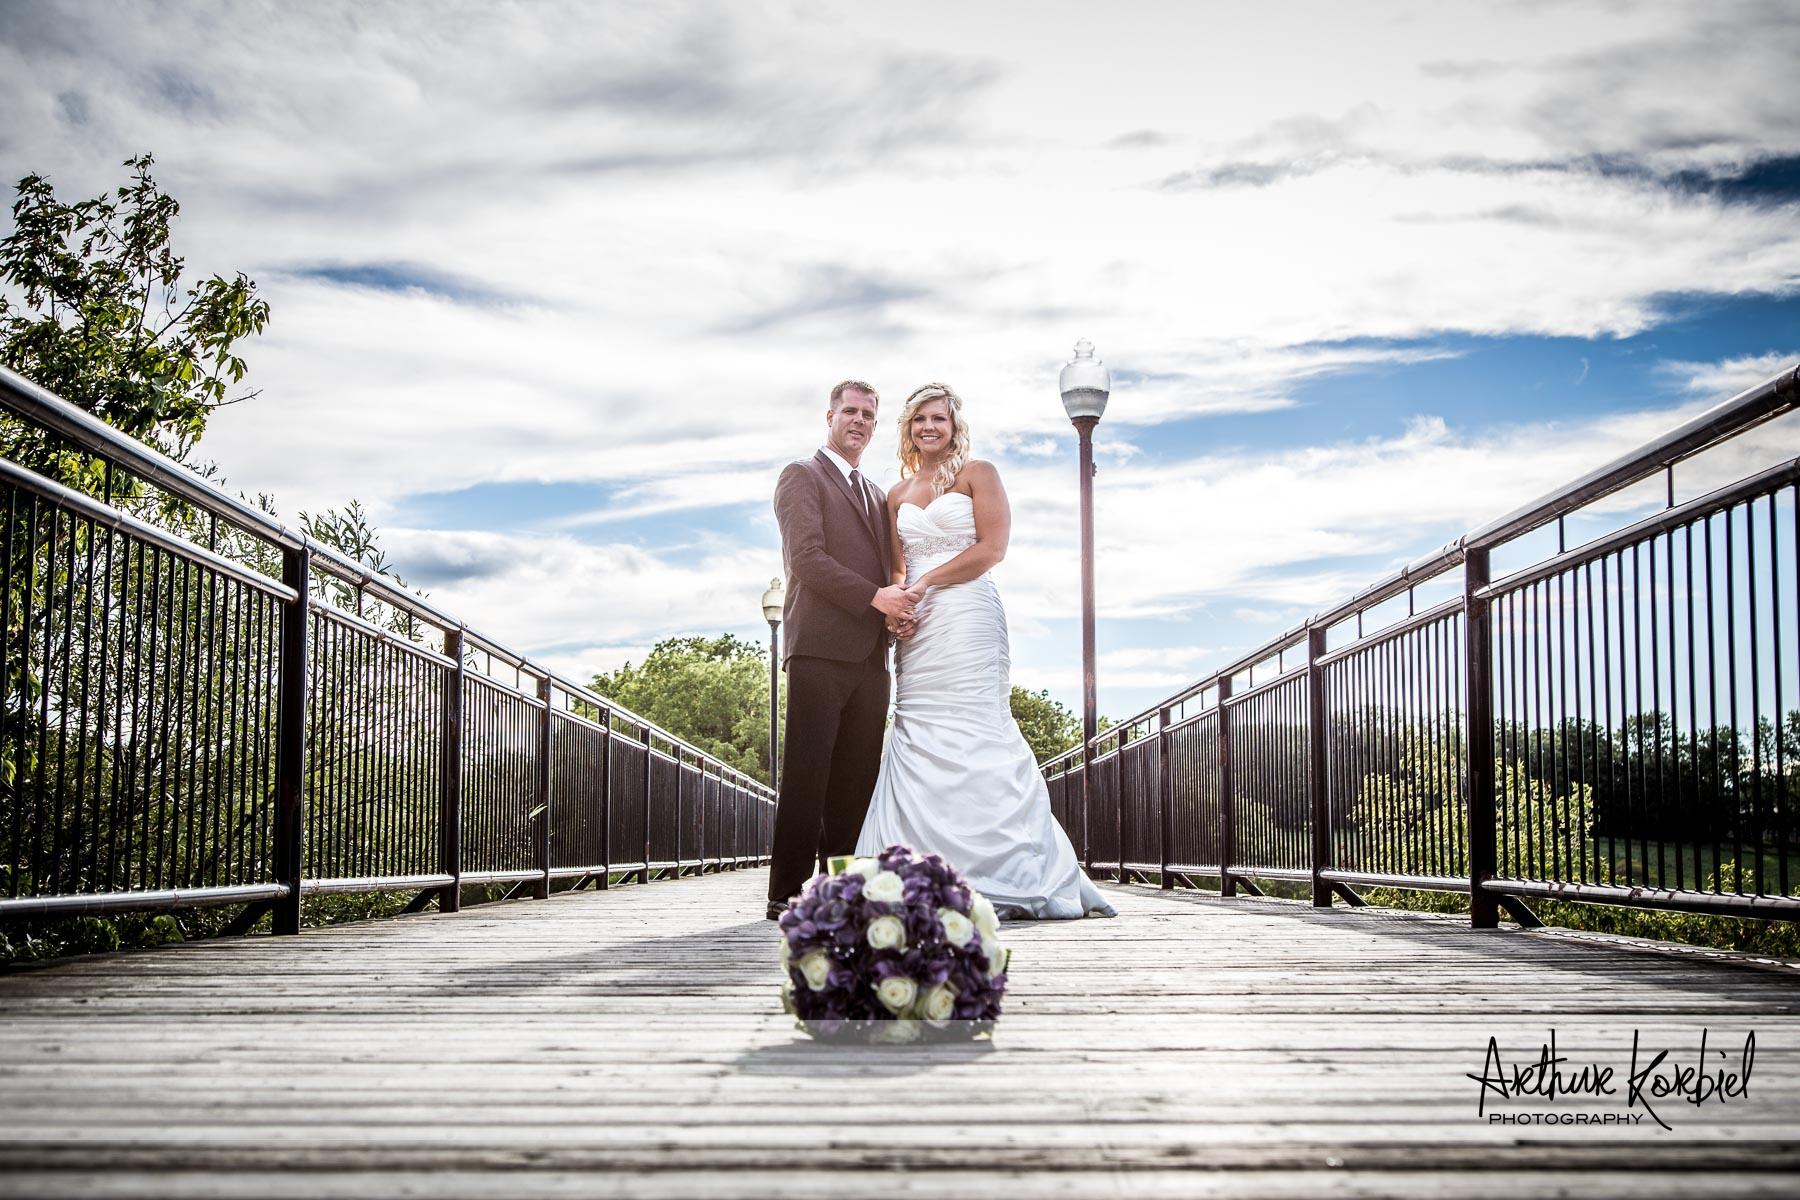 Arthur Korbiel Photography - London Wedding Photographer-046.jpg